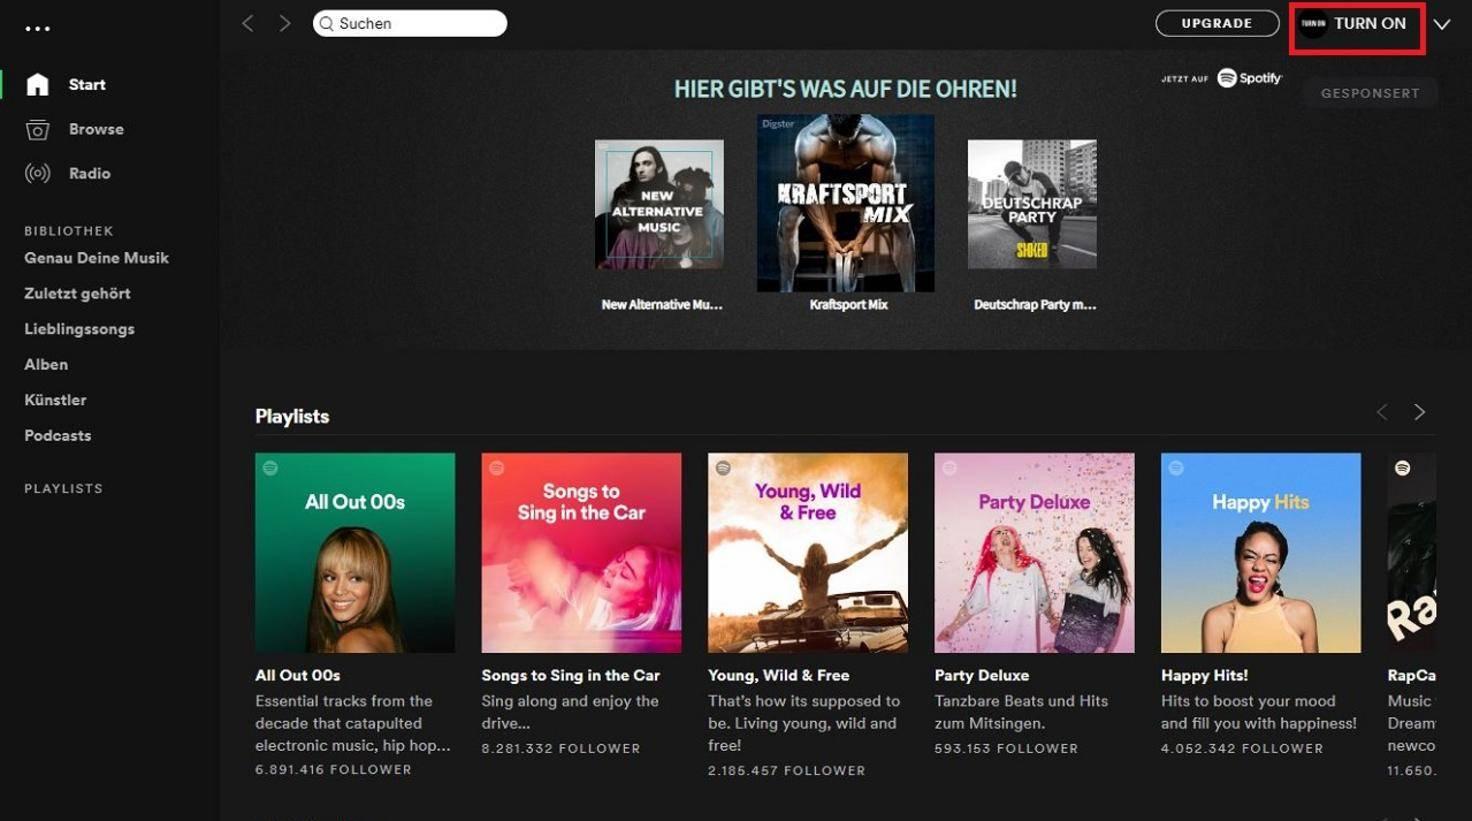 Der Anzeigename lässt sich bei Spotify leider nur über Umwege ändern.